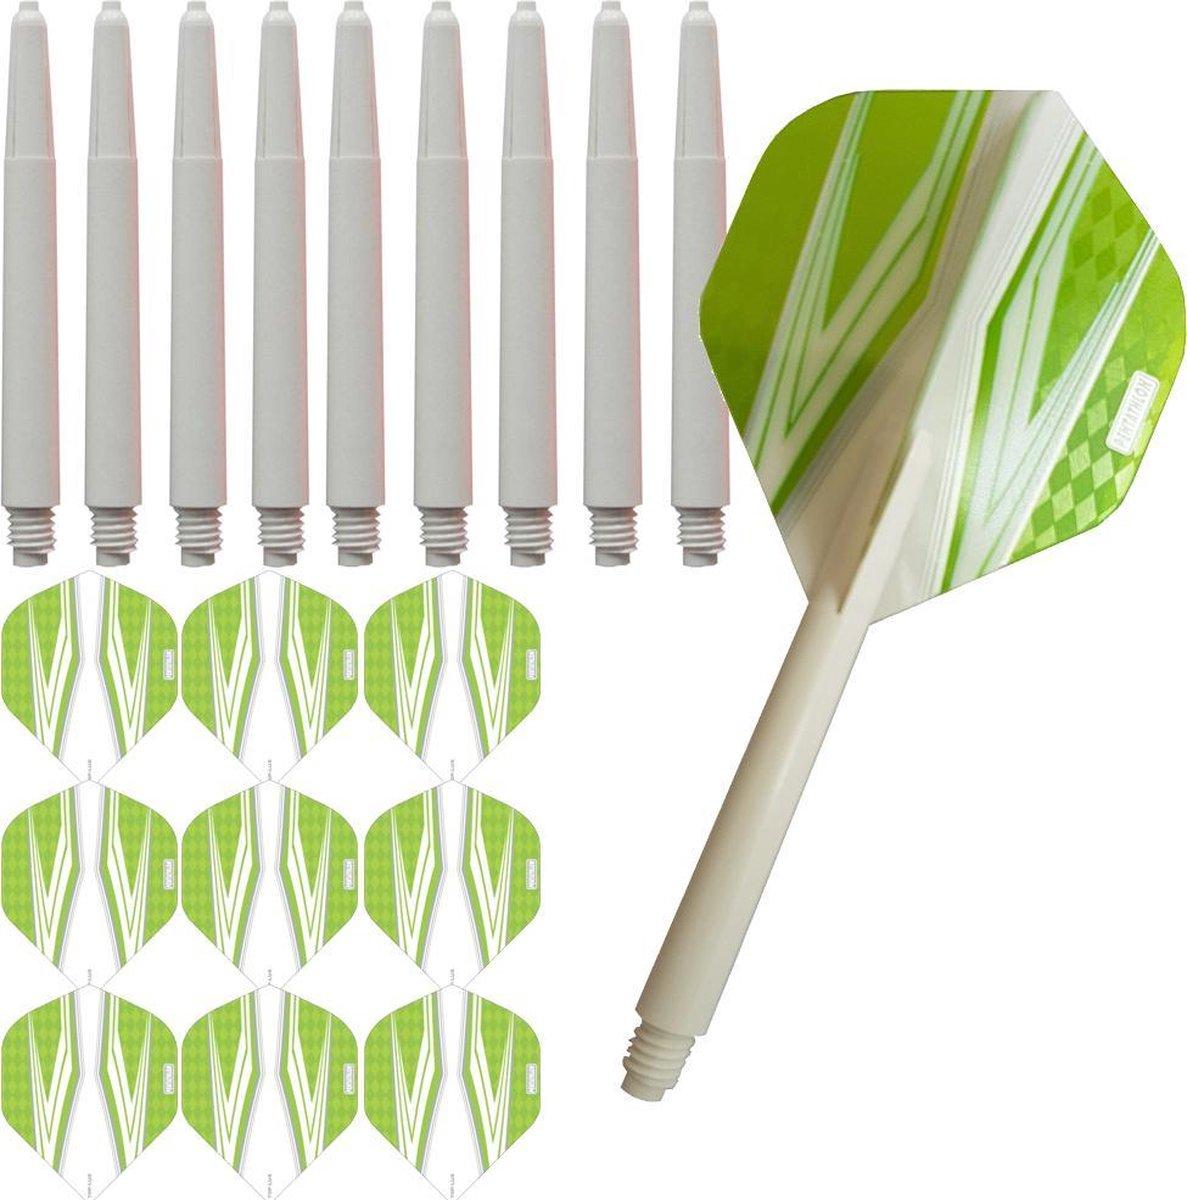 ABC Darts Flights Pentathlon - Dart flights en Medium Dart Shafts - Spitfire wit groen - 3 sets